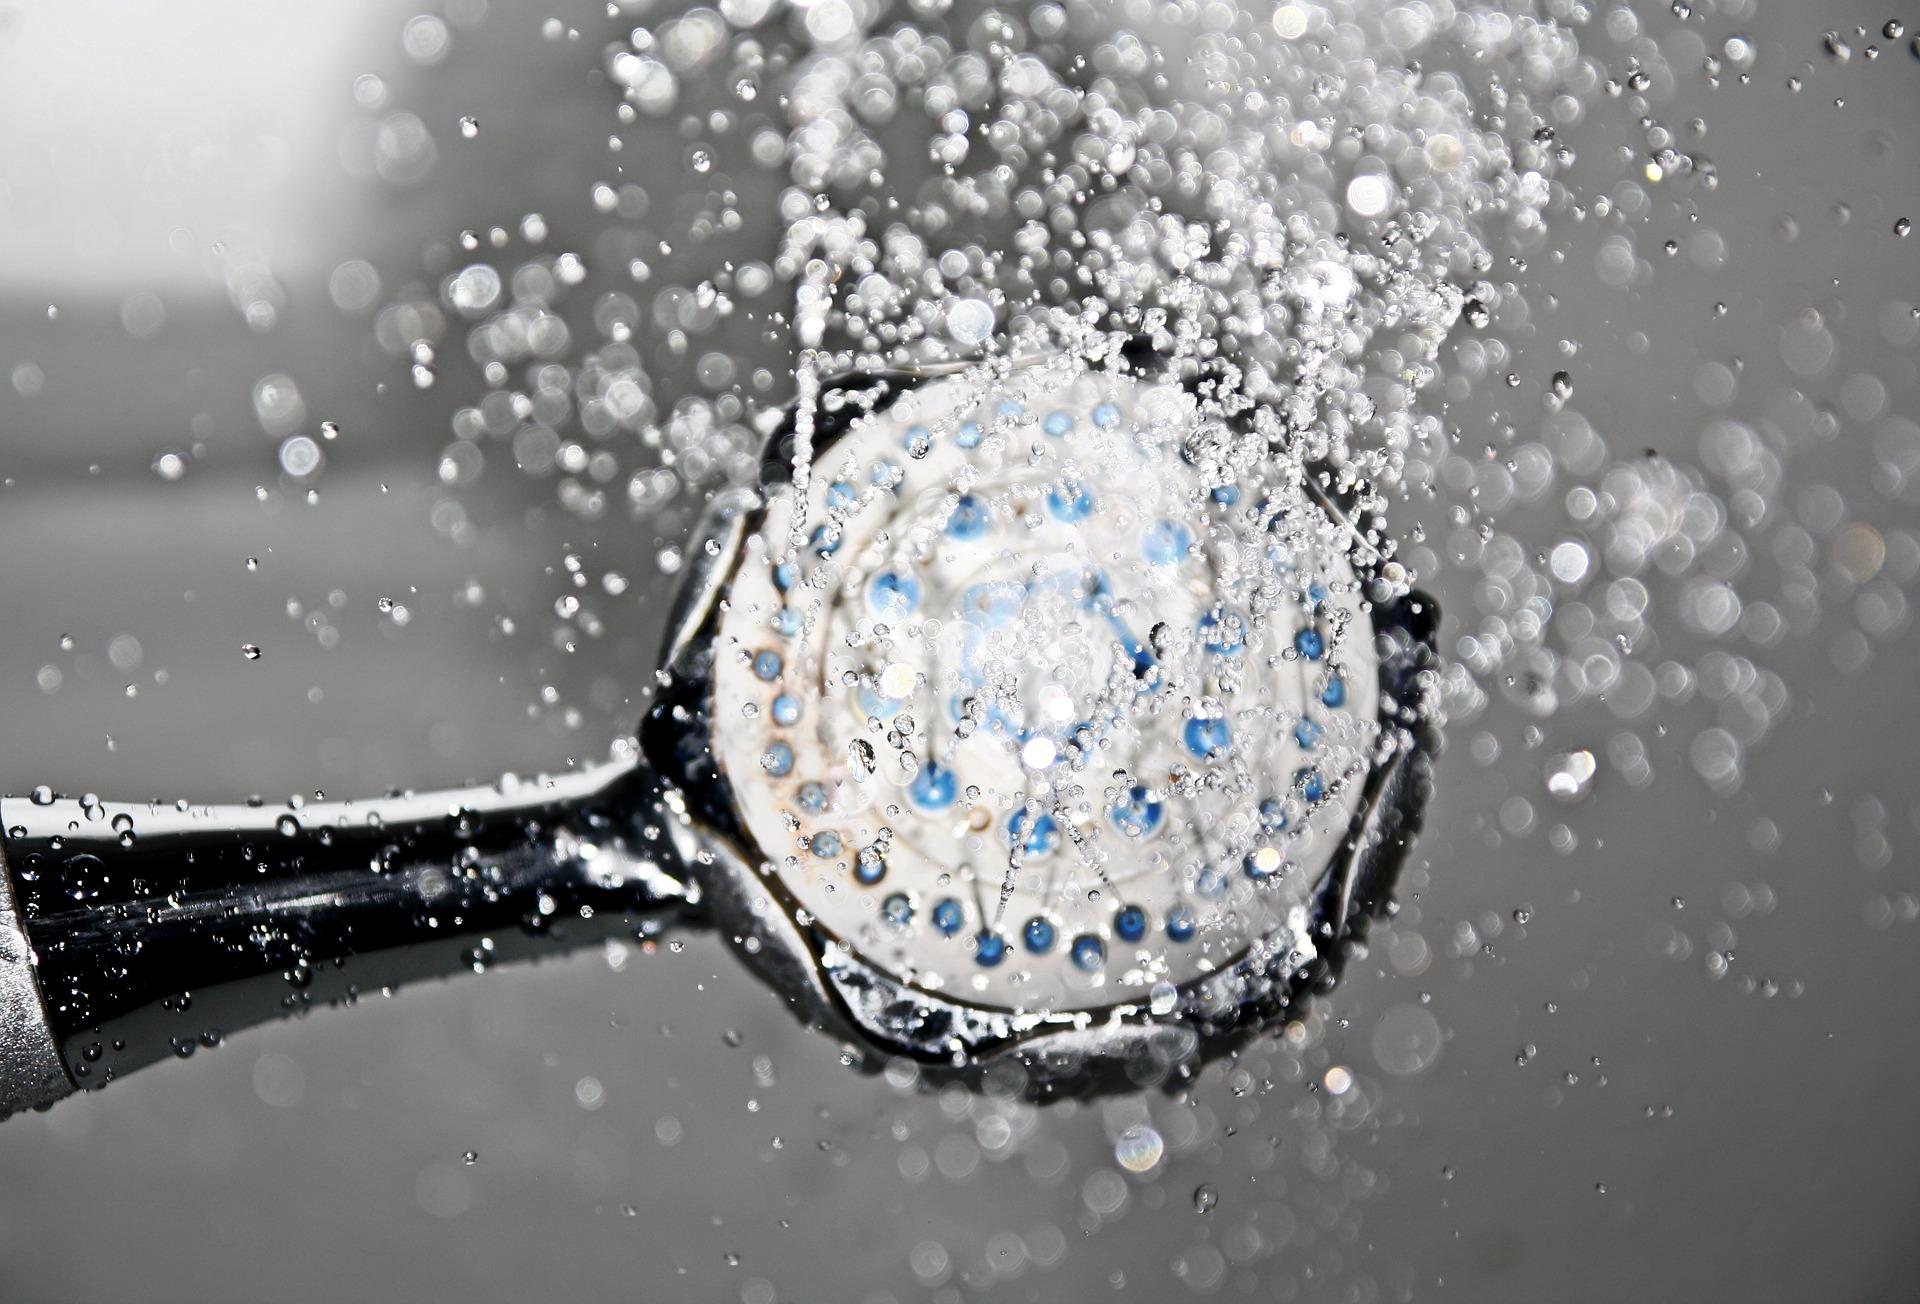 consejos-para-evitar-la-sequia-ducha